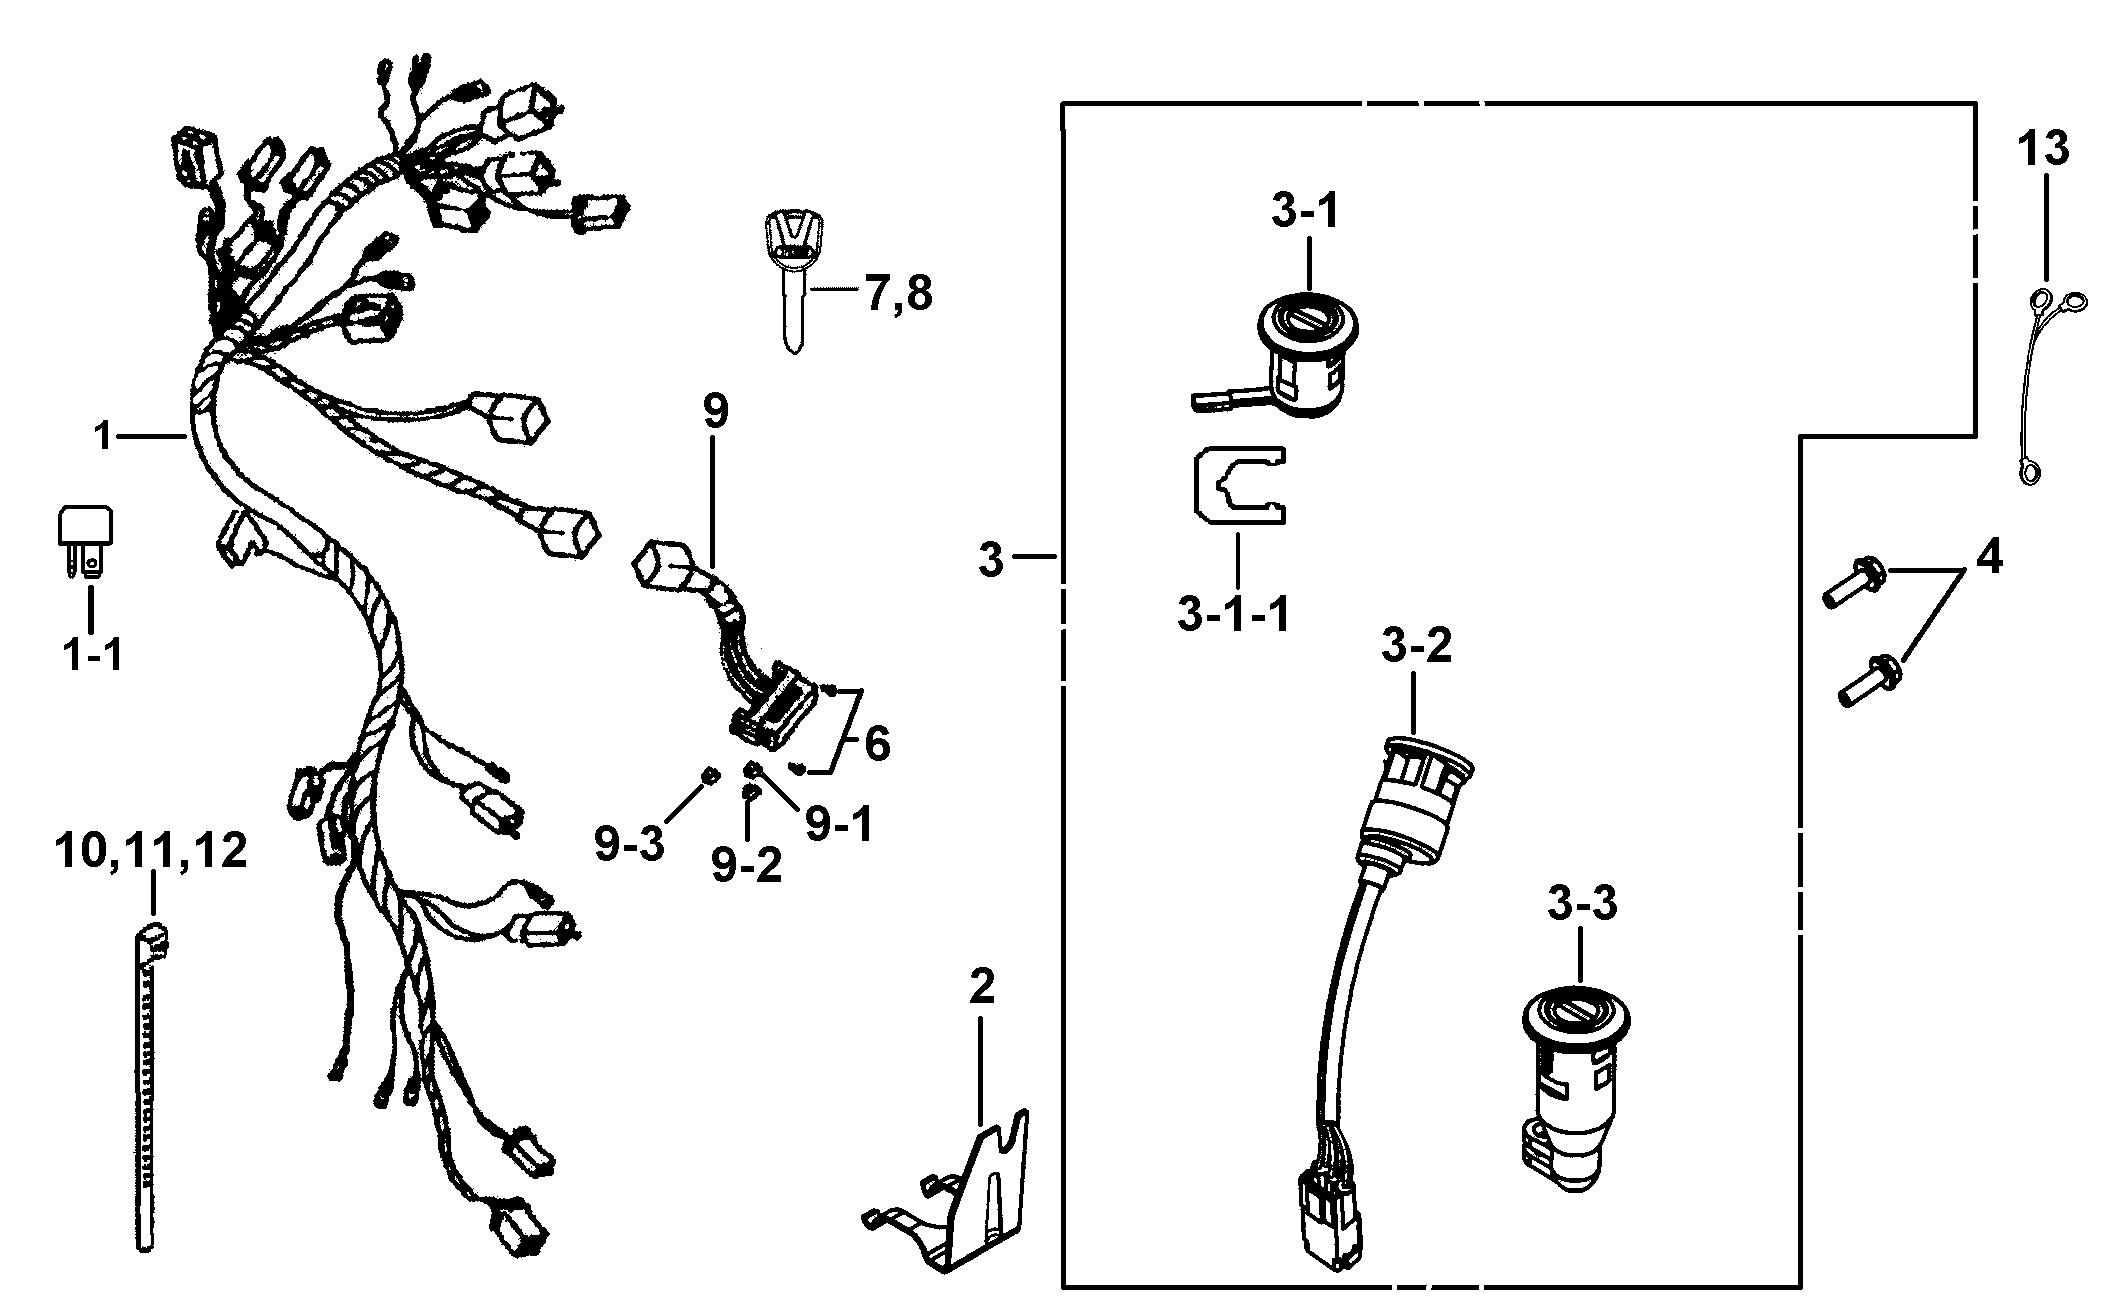 tgb wiring schematics 425c 119    wiring    harness locks go4itsales  425c 119    wiring    harness locks go4itsales